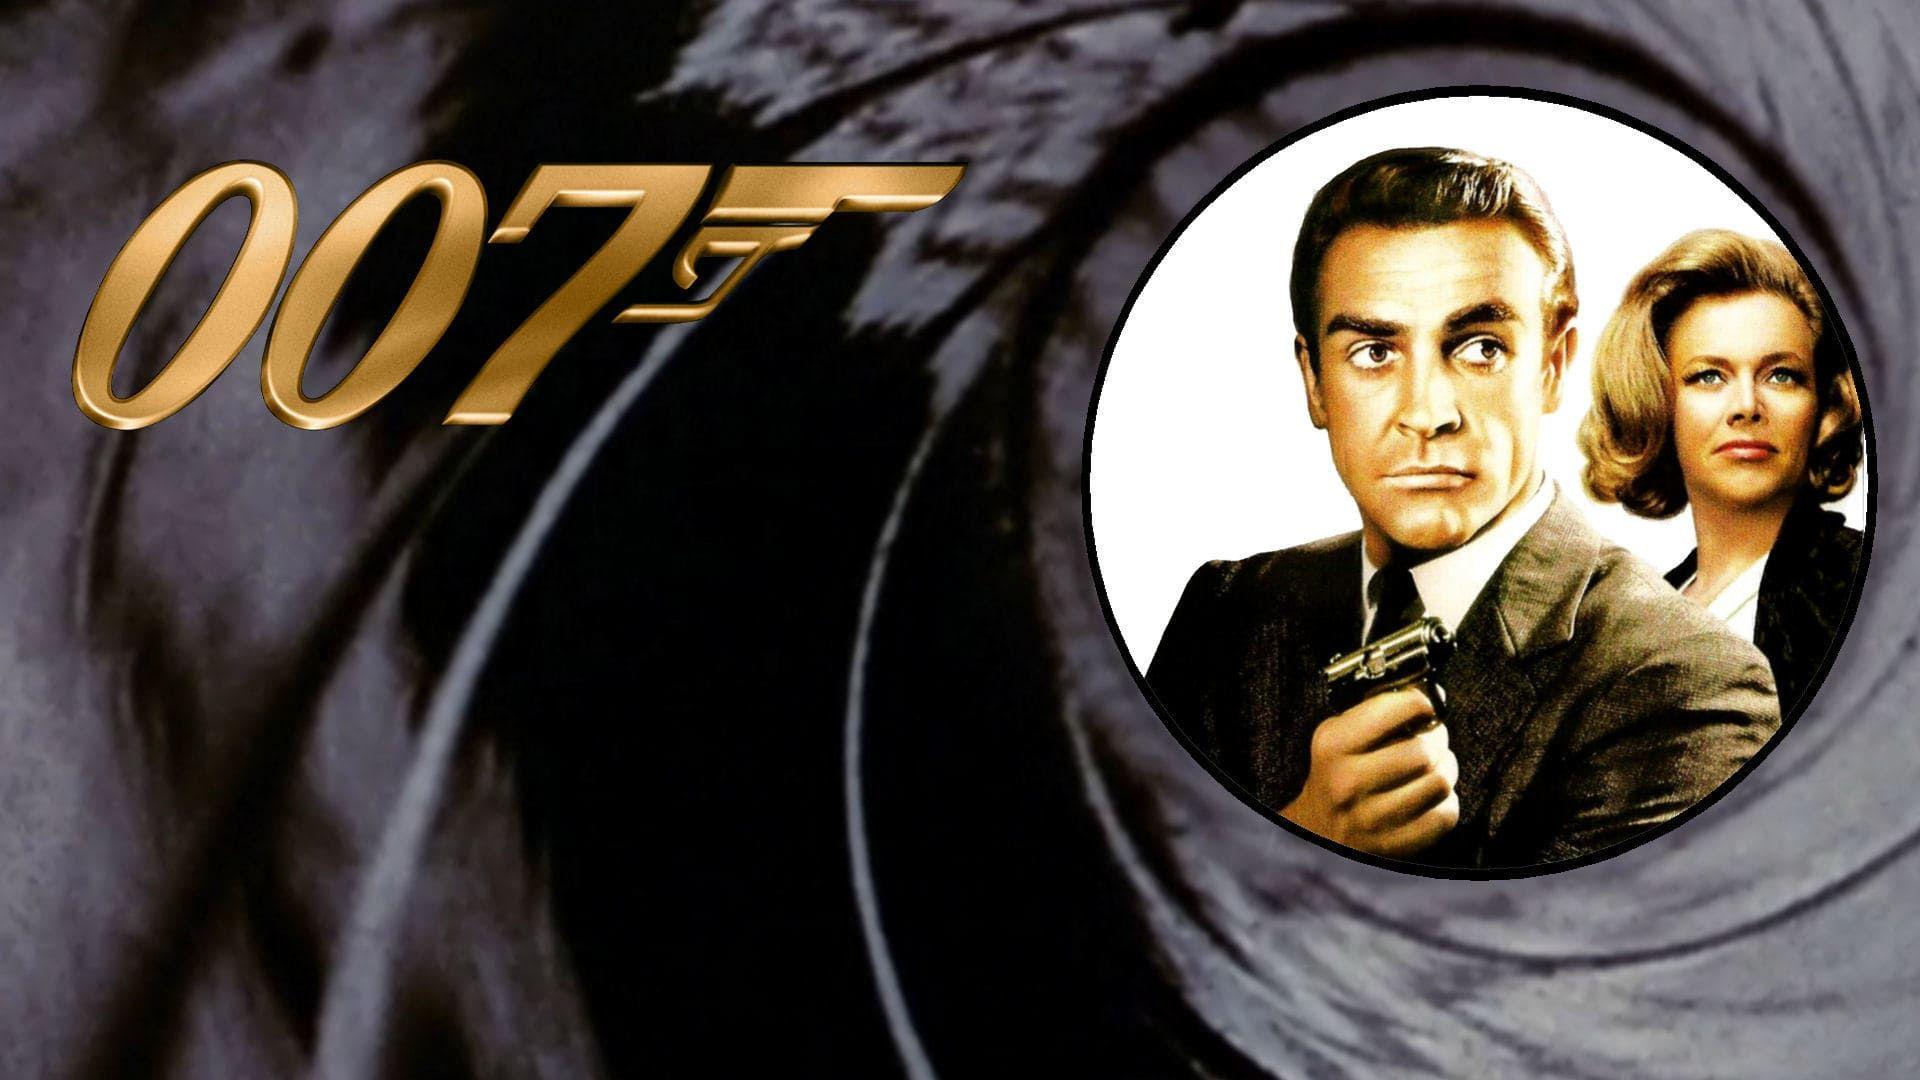 James Bond 007 Goldfinger 1964 Ganzer Film Stream Deutsch Komplett Online James Bond 007 Goldfinger Free Movies Online Full Movies Online Free Full Movies